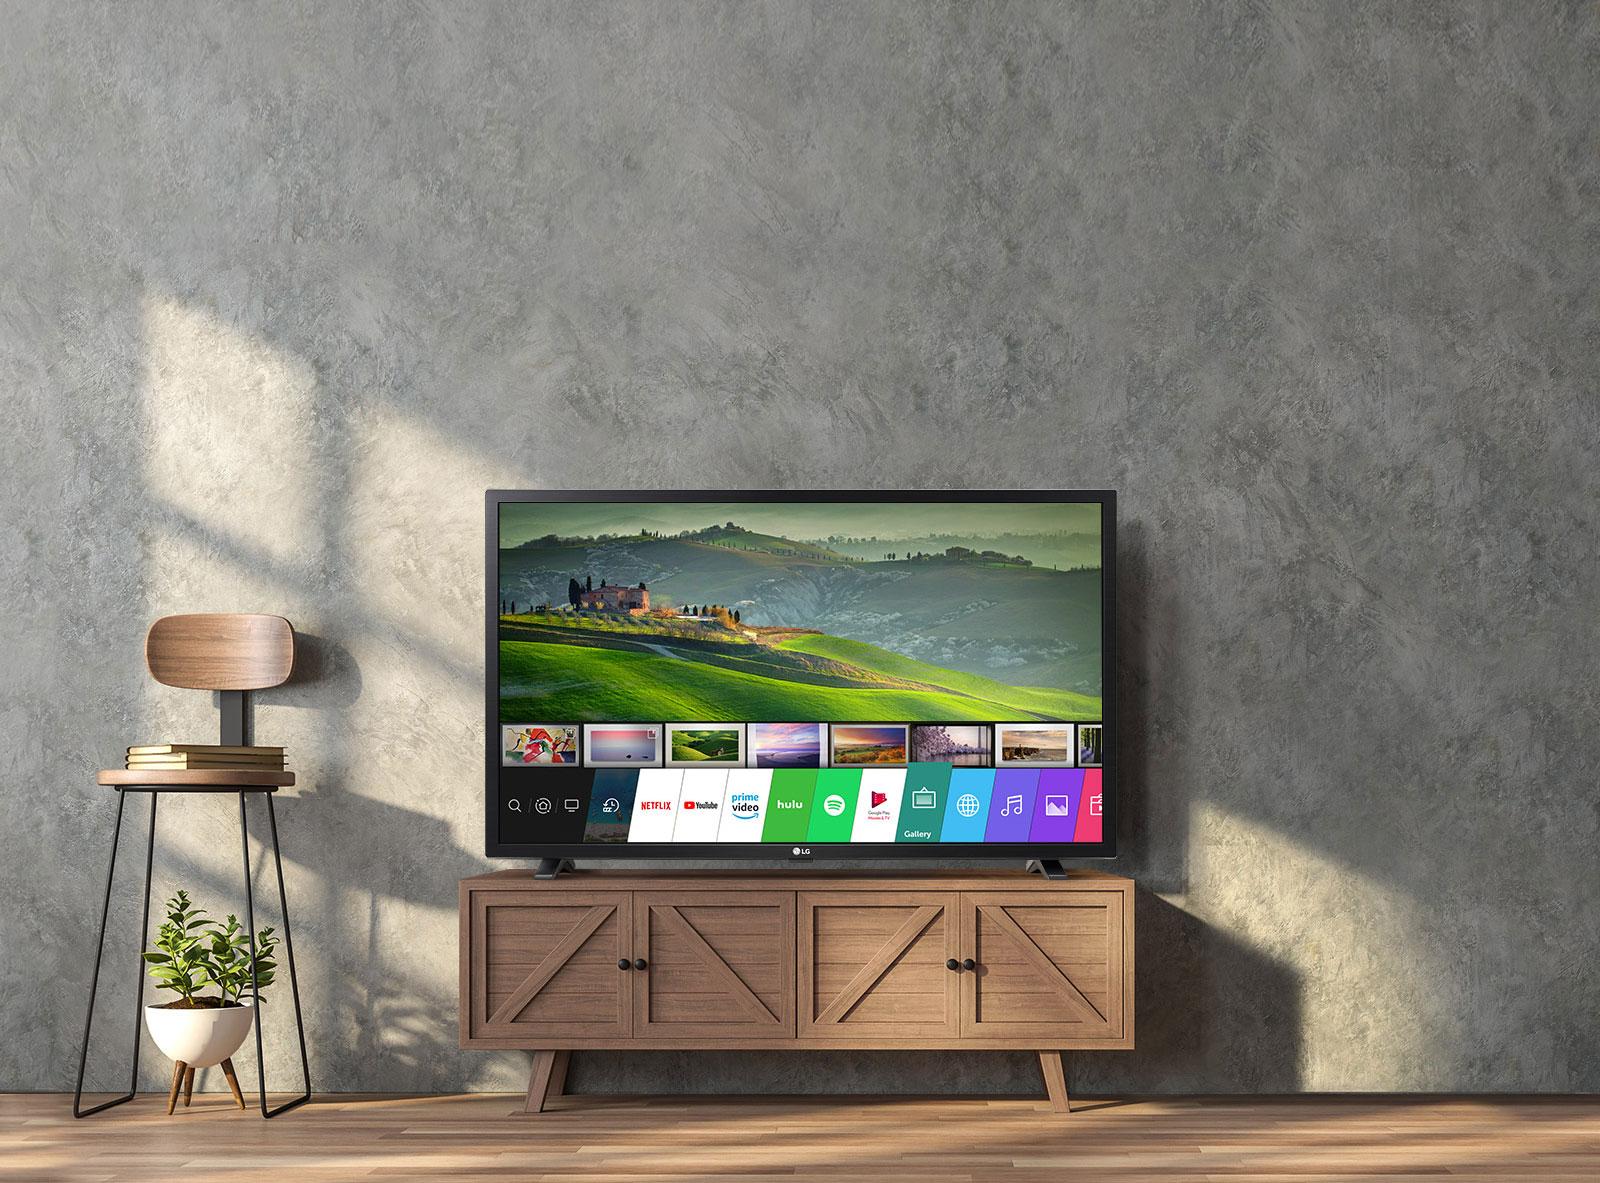 webOS Smart TV Nem szab határt a szórakozásnak1